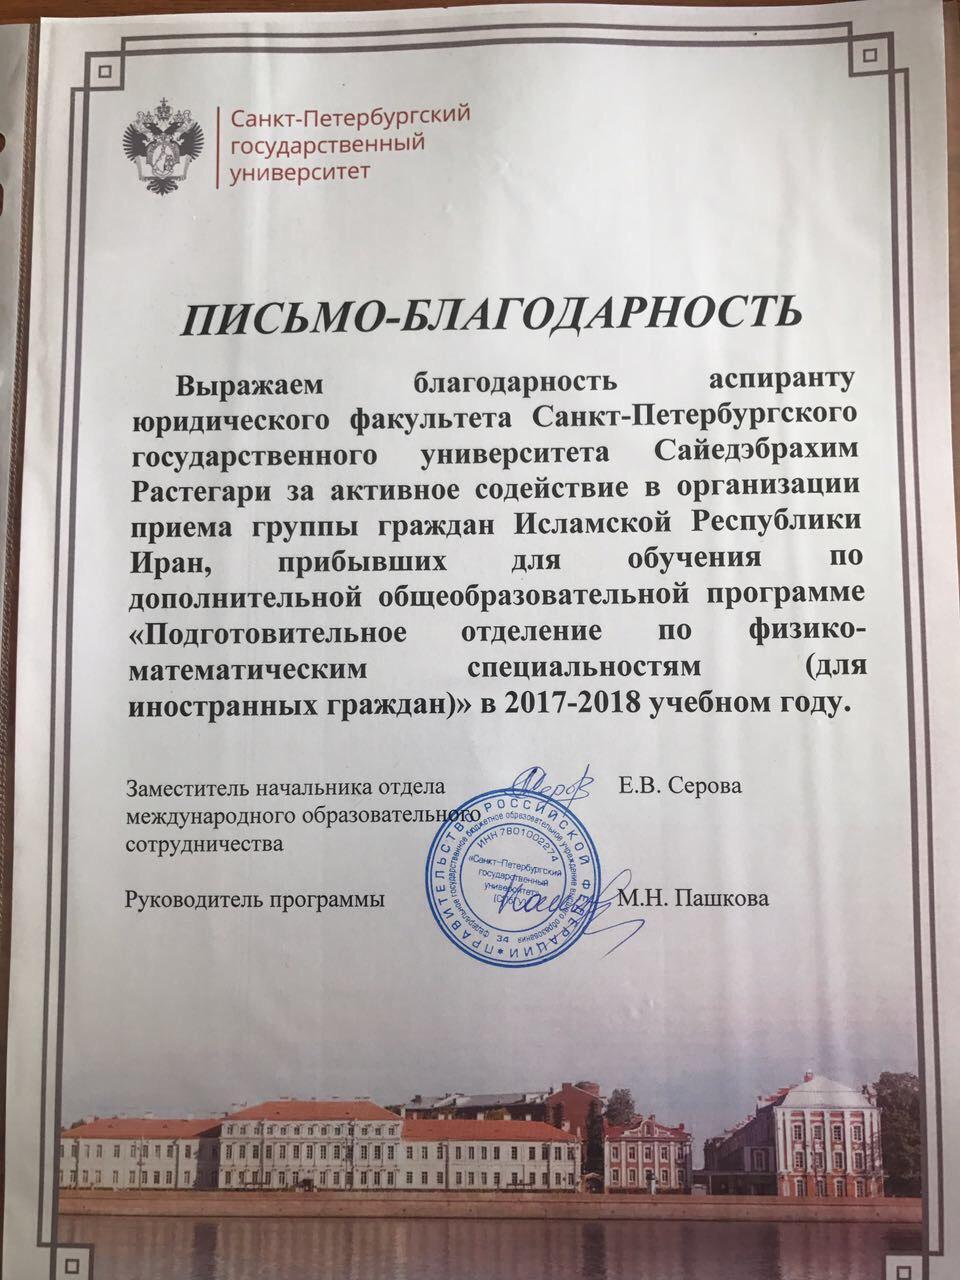 تقدیرنامه دانشگاه ملی سنت پترزبورگ از شرکت ستاره داوود